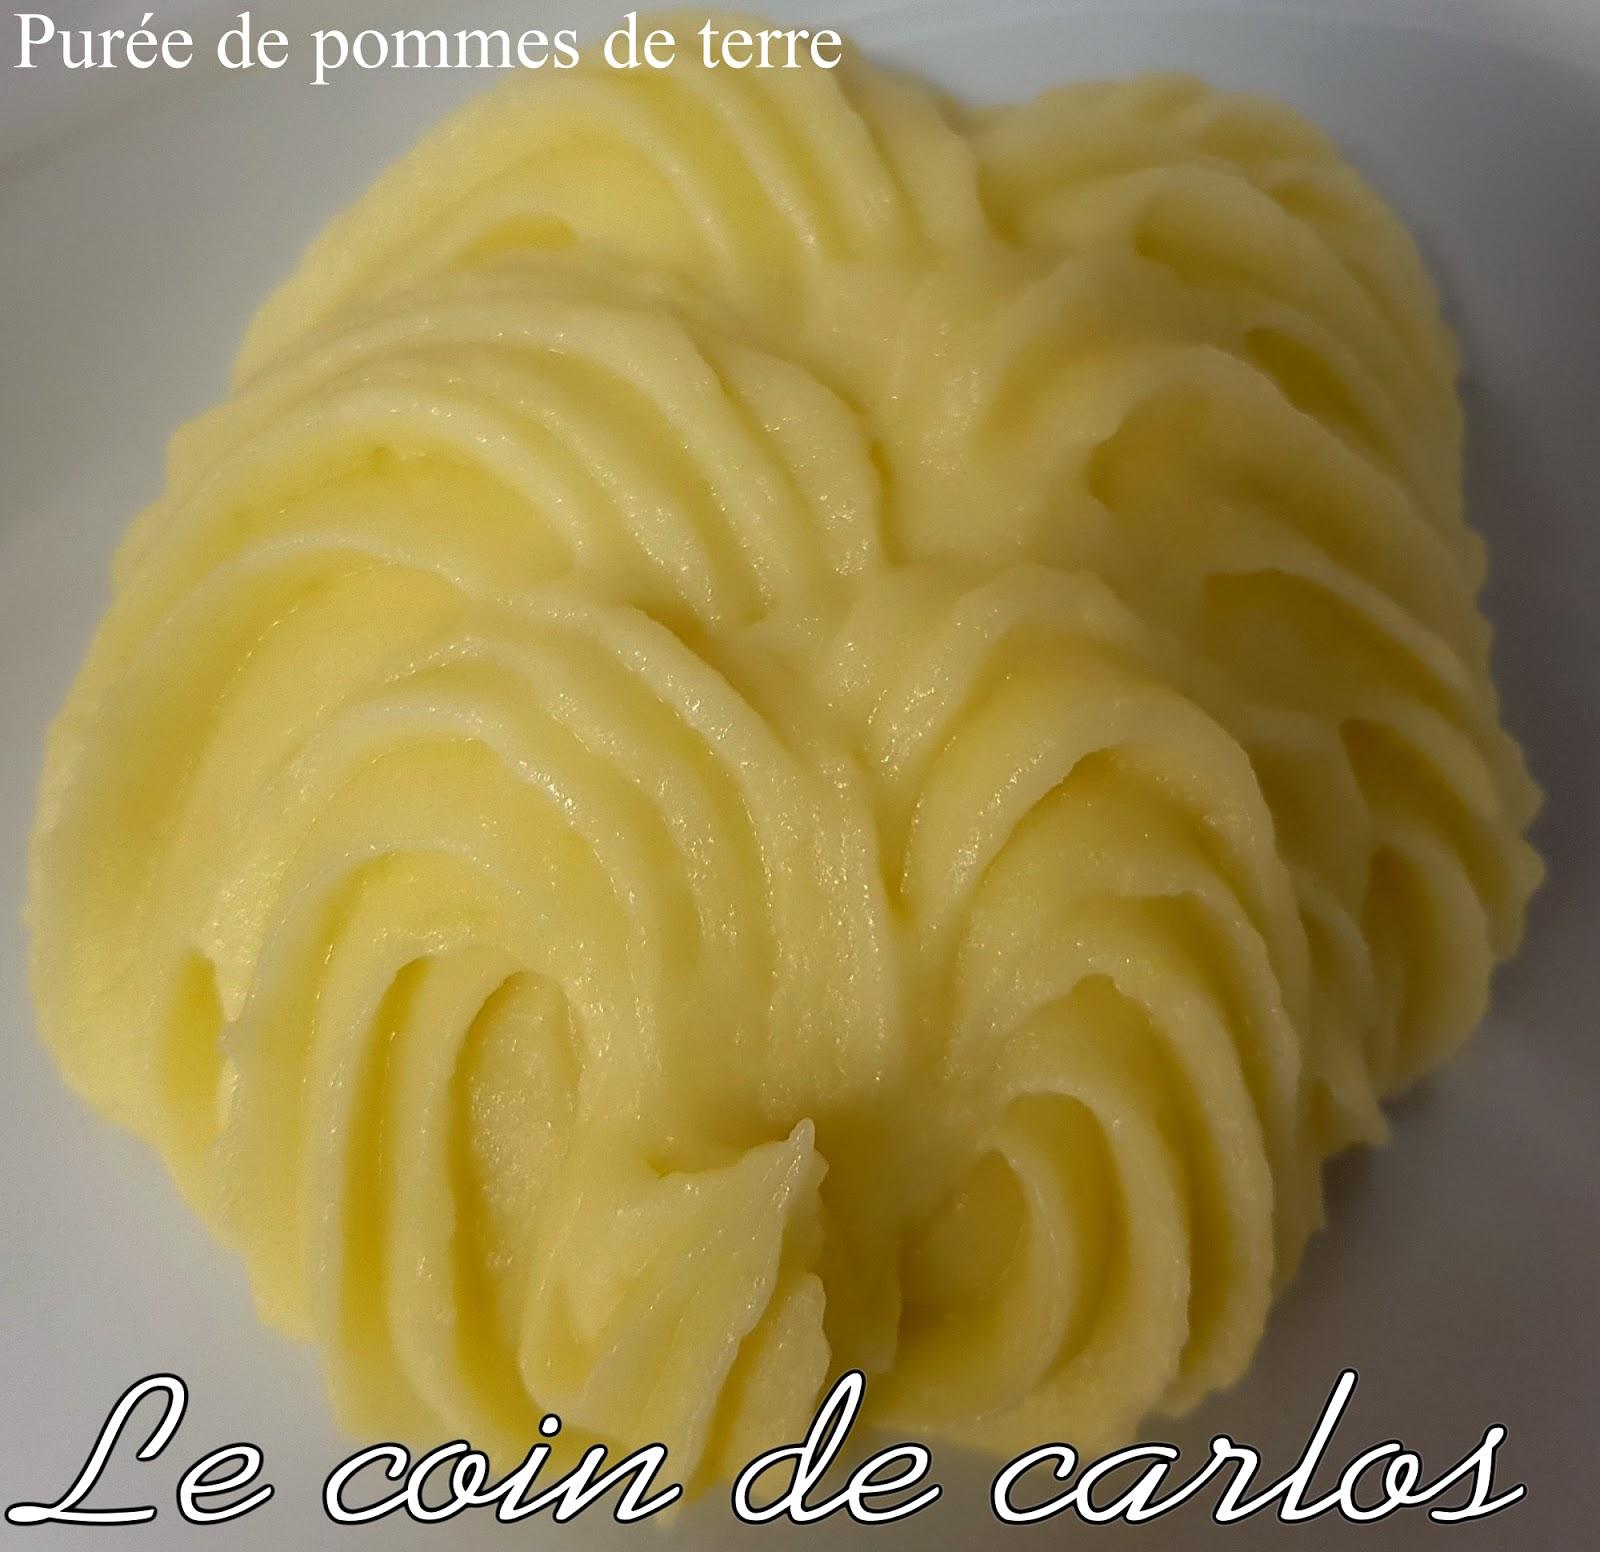 Le coin de carlos pur e de pommes de terre maison - Puree de pommes de terre maison ...